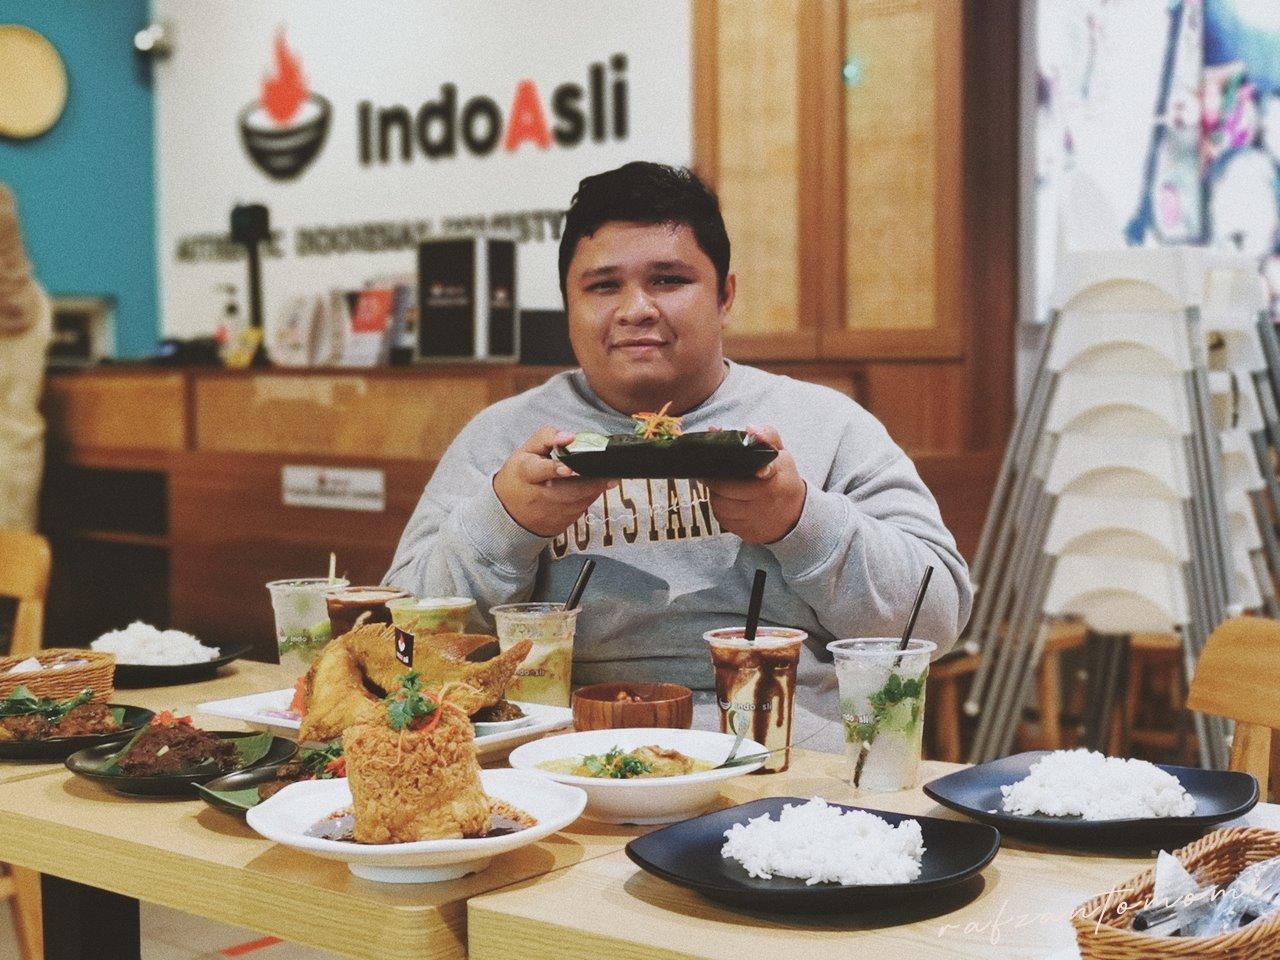 Jom Tengok Menu Baharu Dari IndoAsli